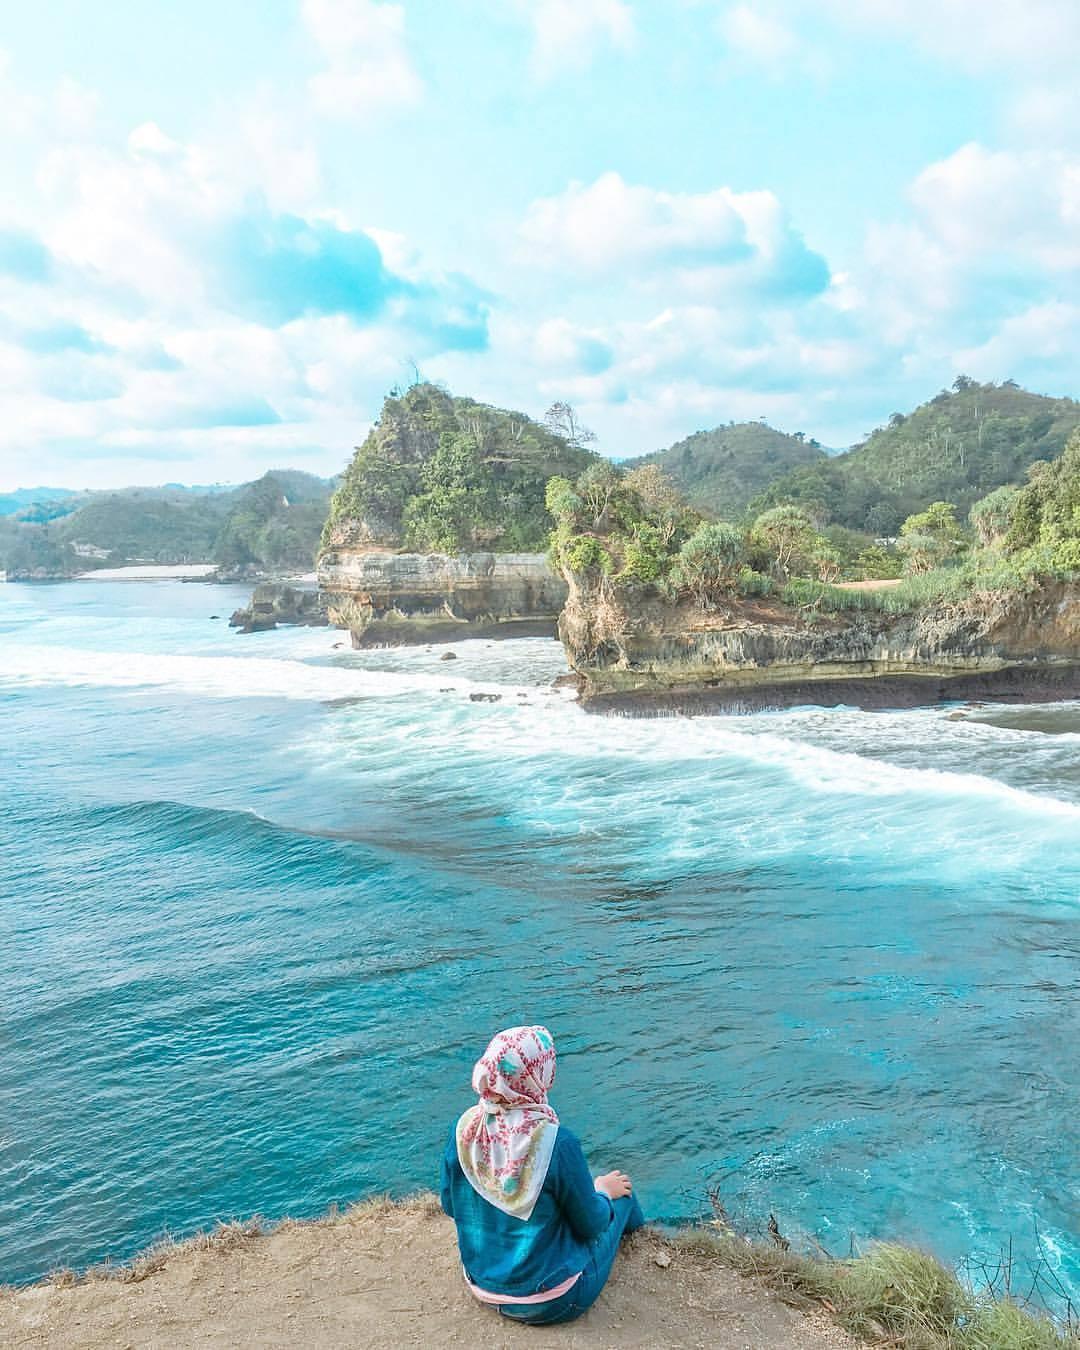 Pantai Batu Bengkung Pantai Batu Bengkung - Dolan Dolen